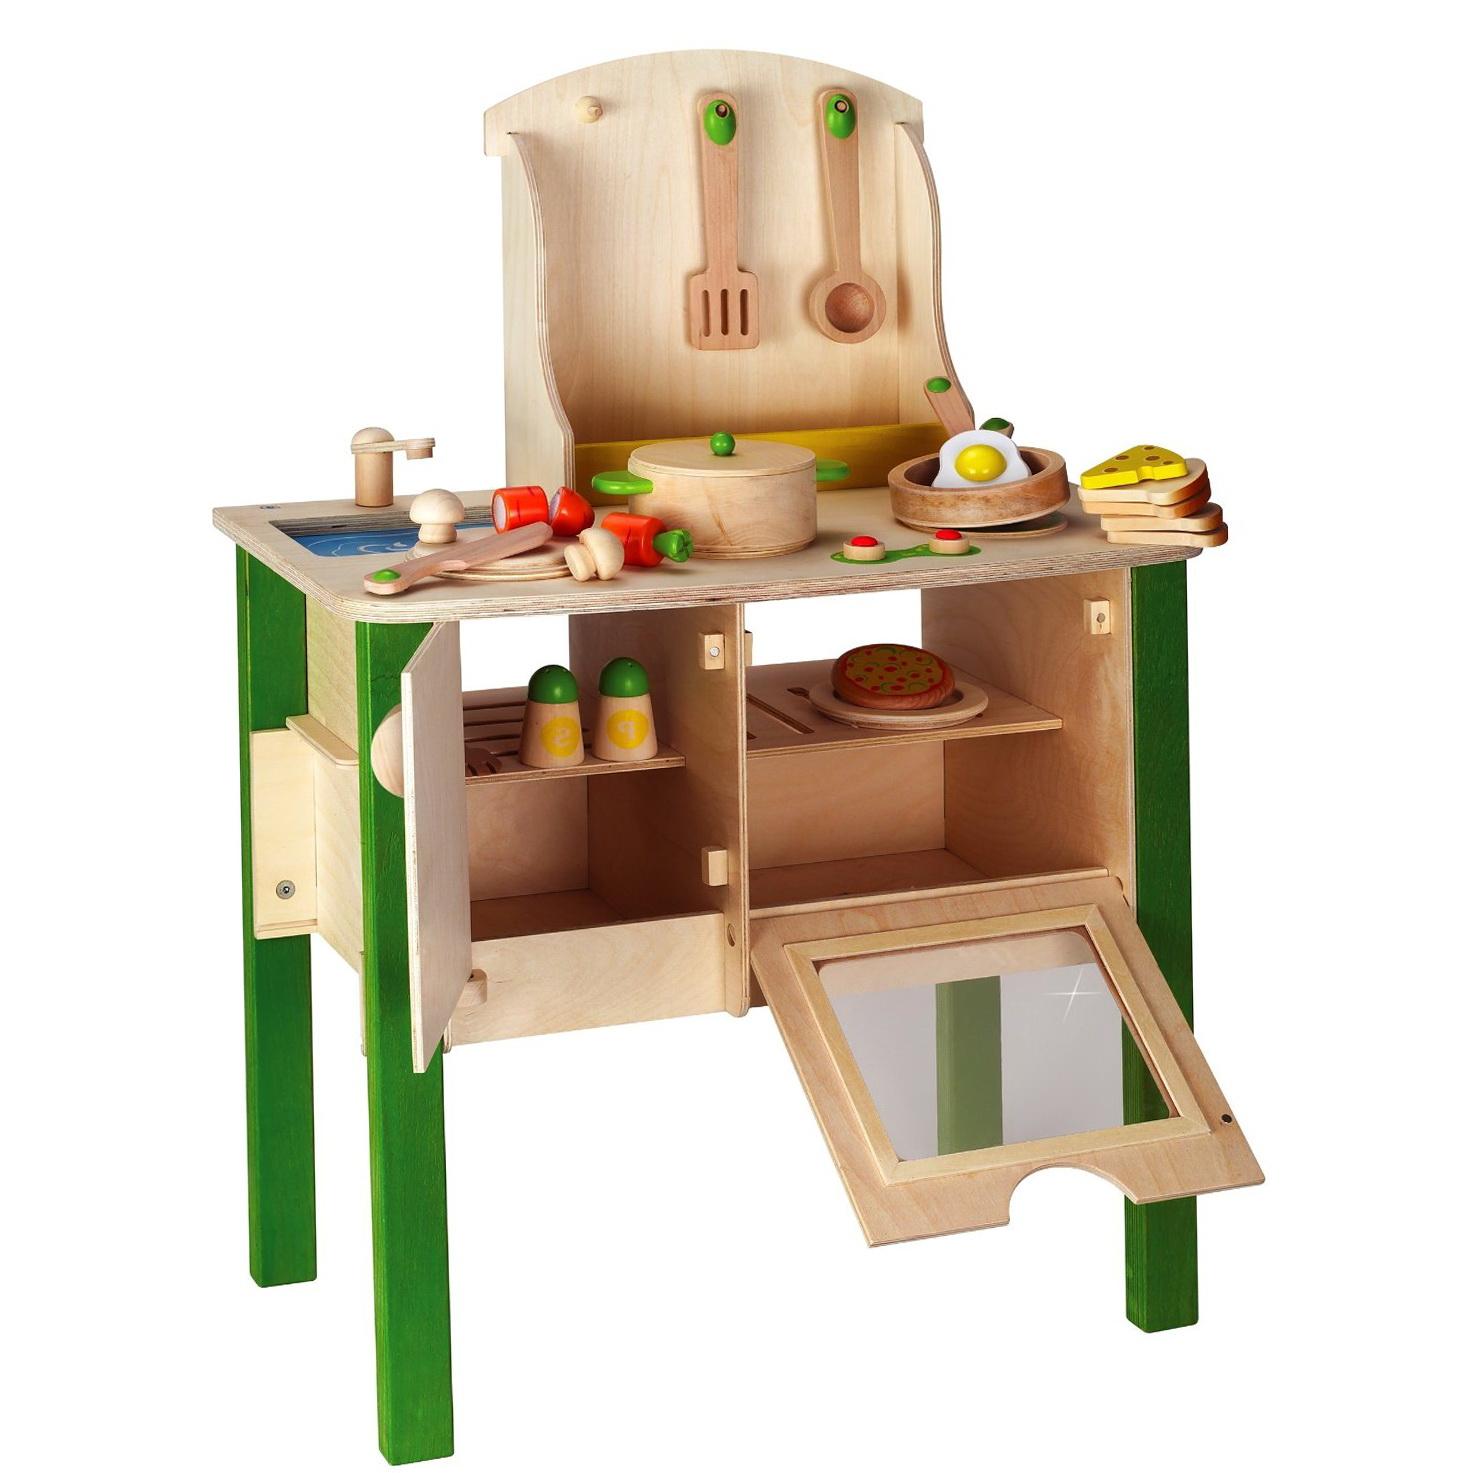 Wooden Toy Kitchen Sets